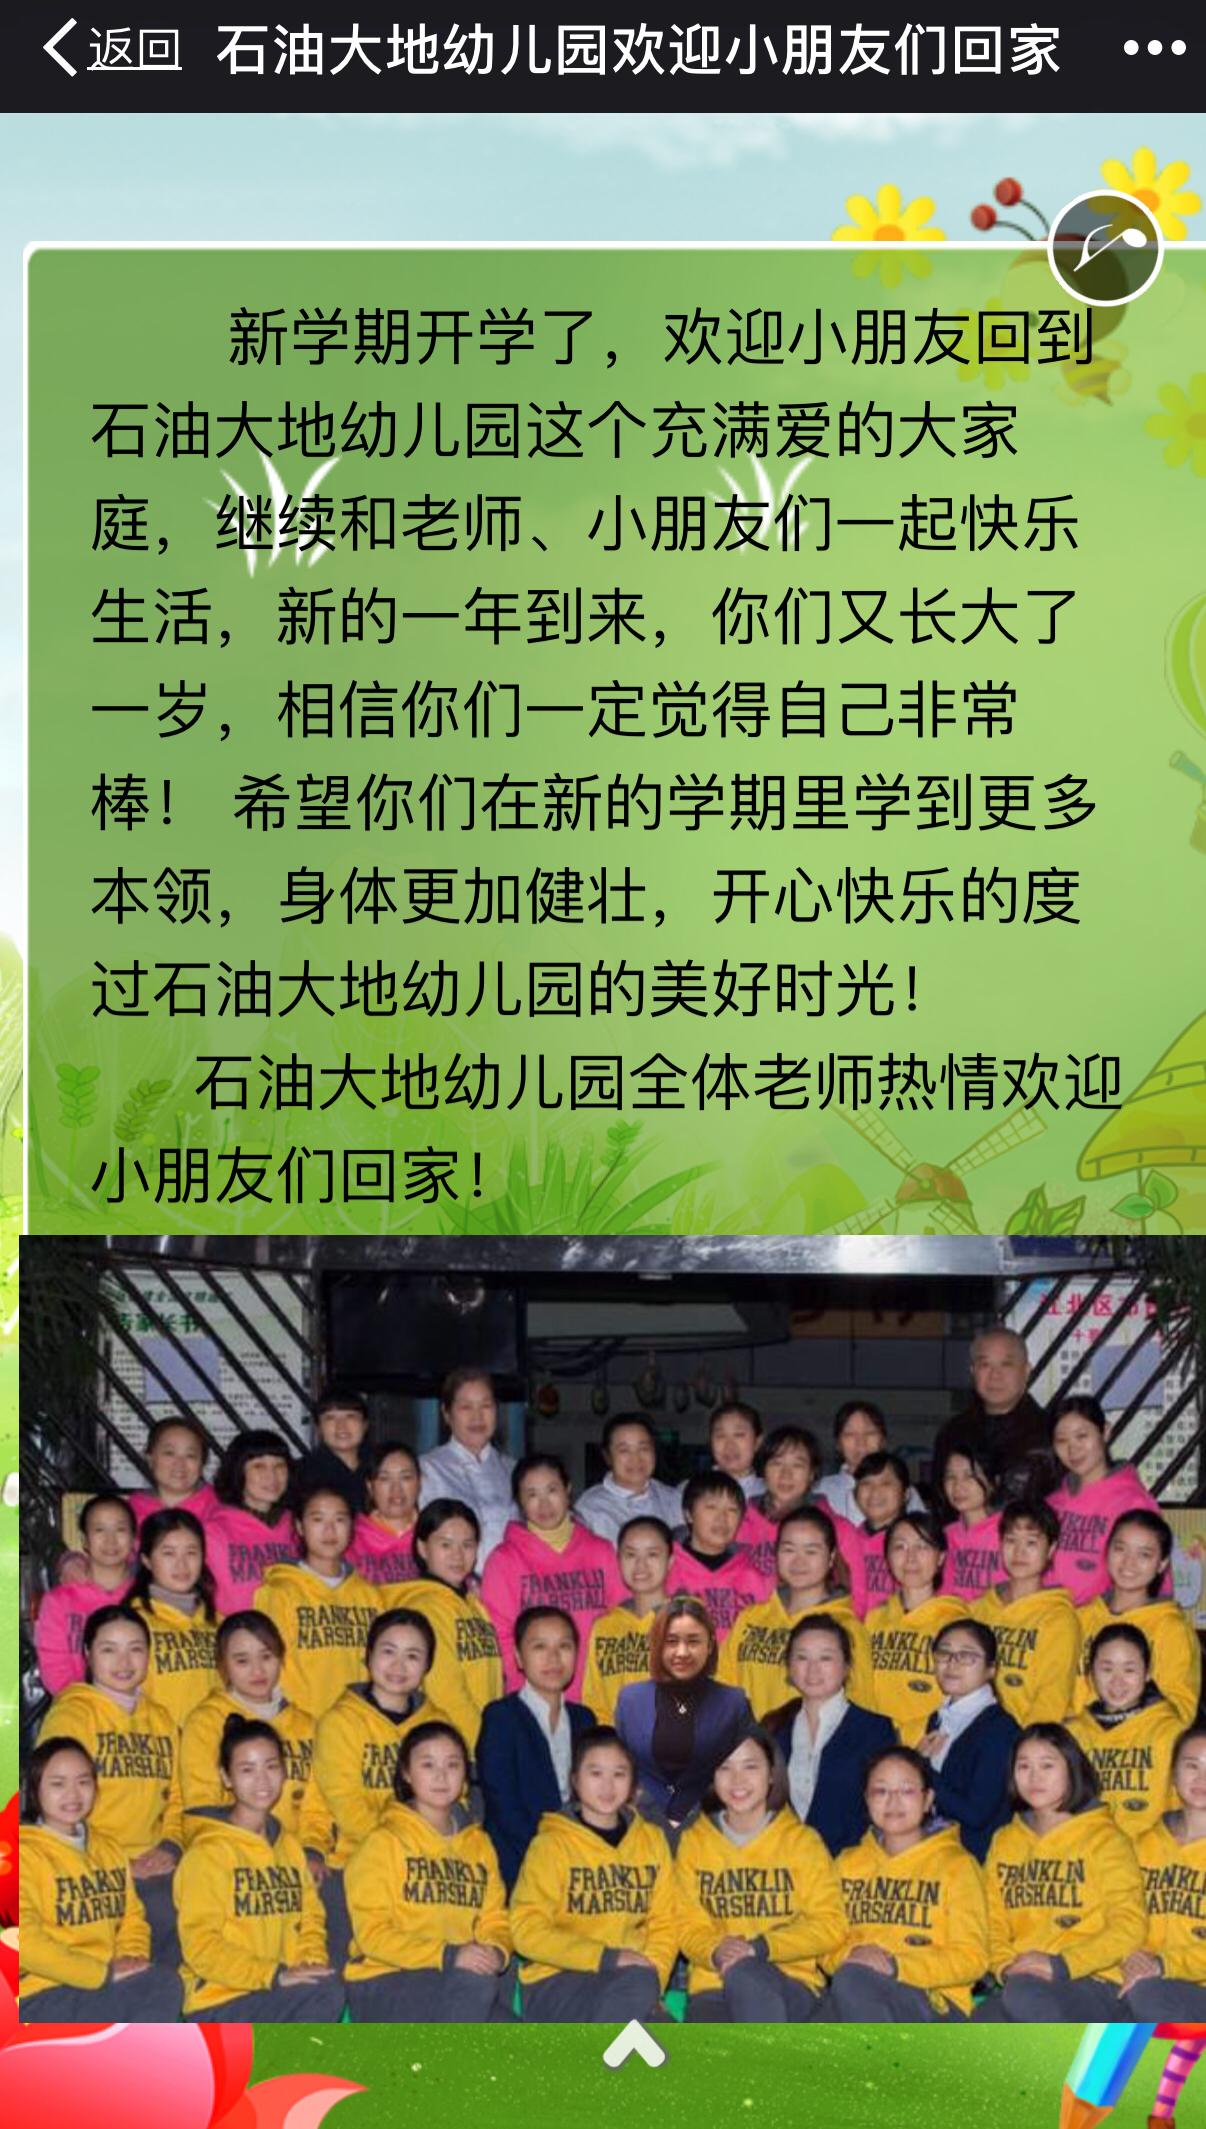 江北石油幼儿园保育老师桌面清洁消毒技能比赛简报